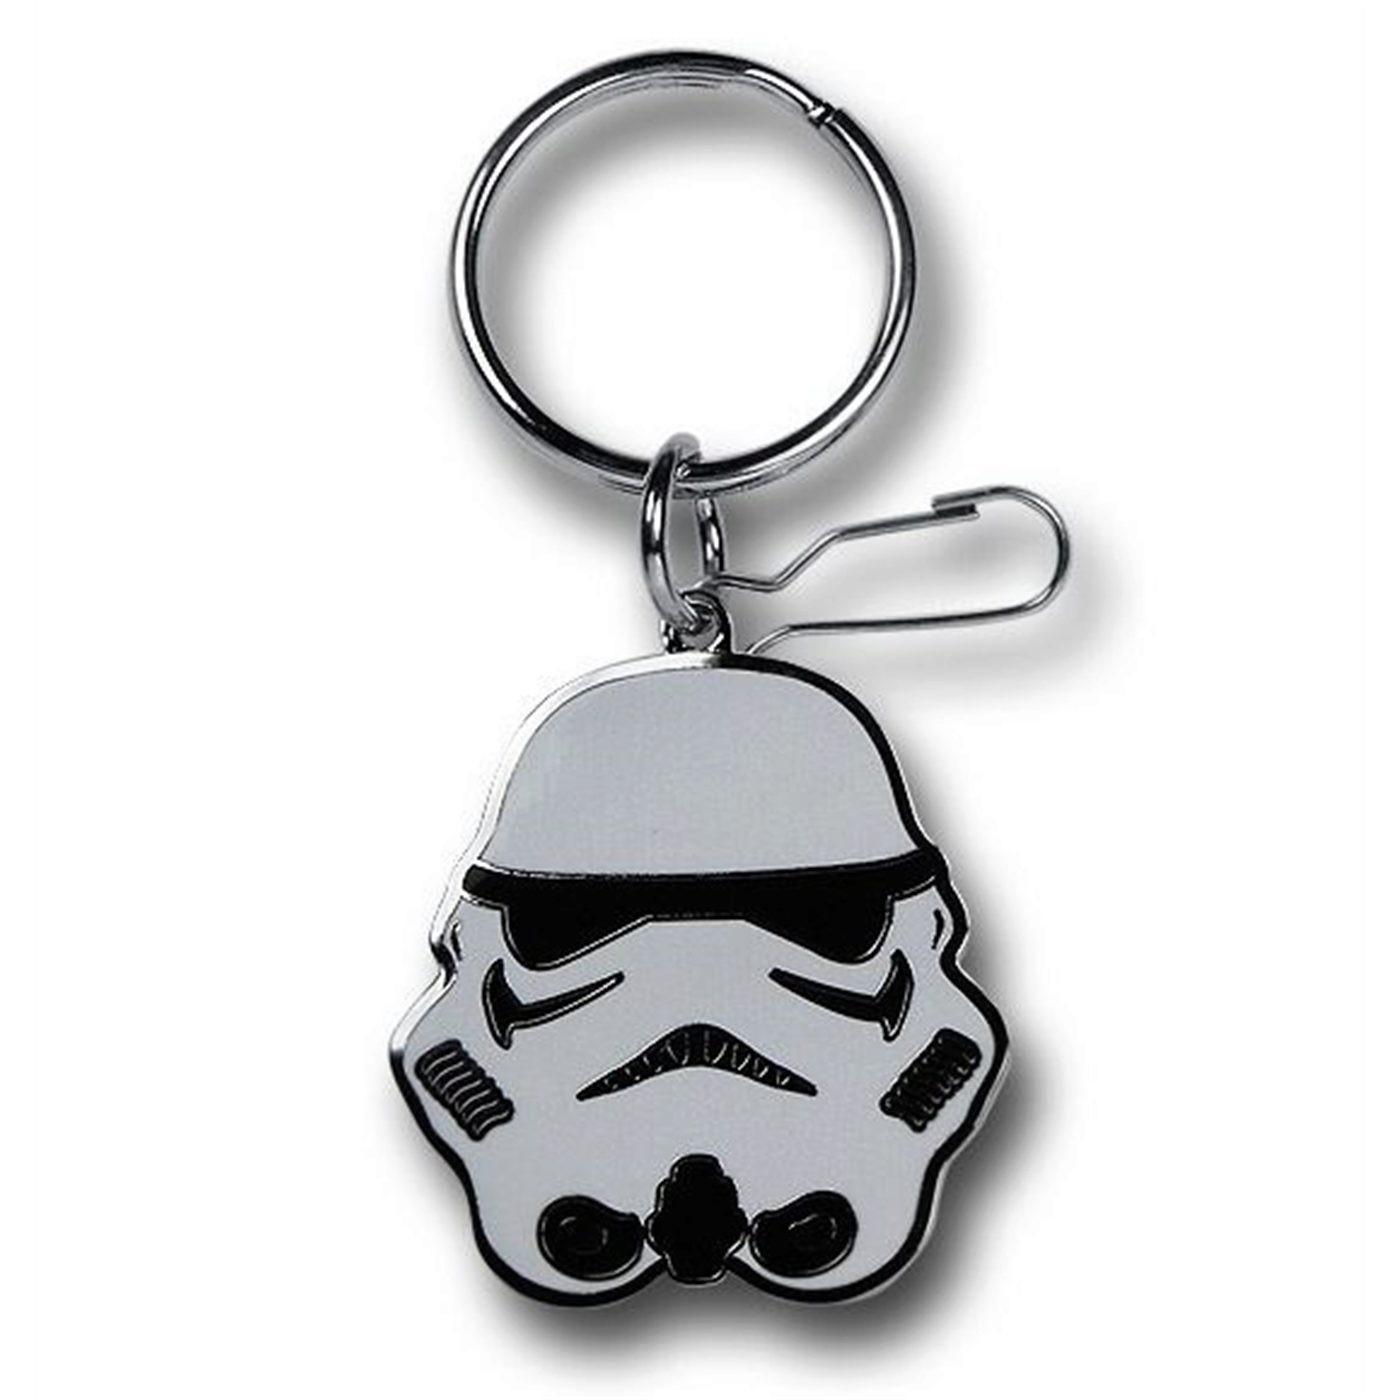 Star Wars Stormtrooper Enamel Keychain